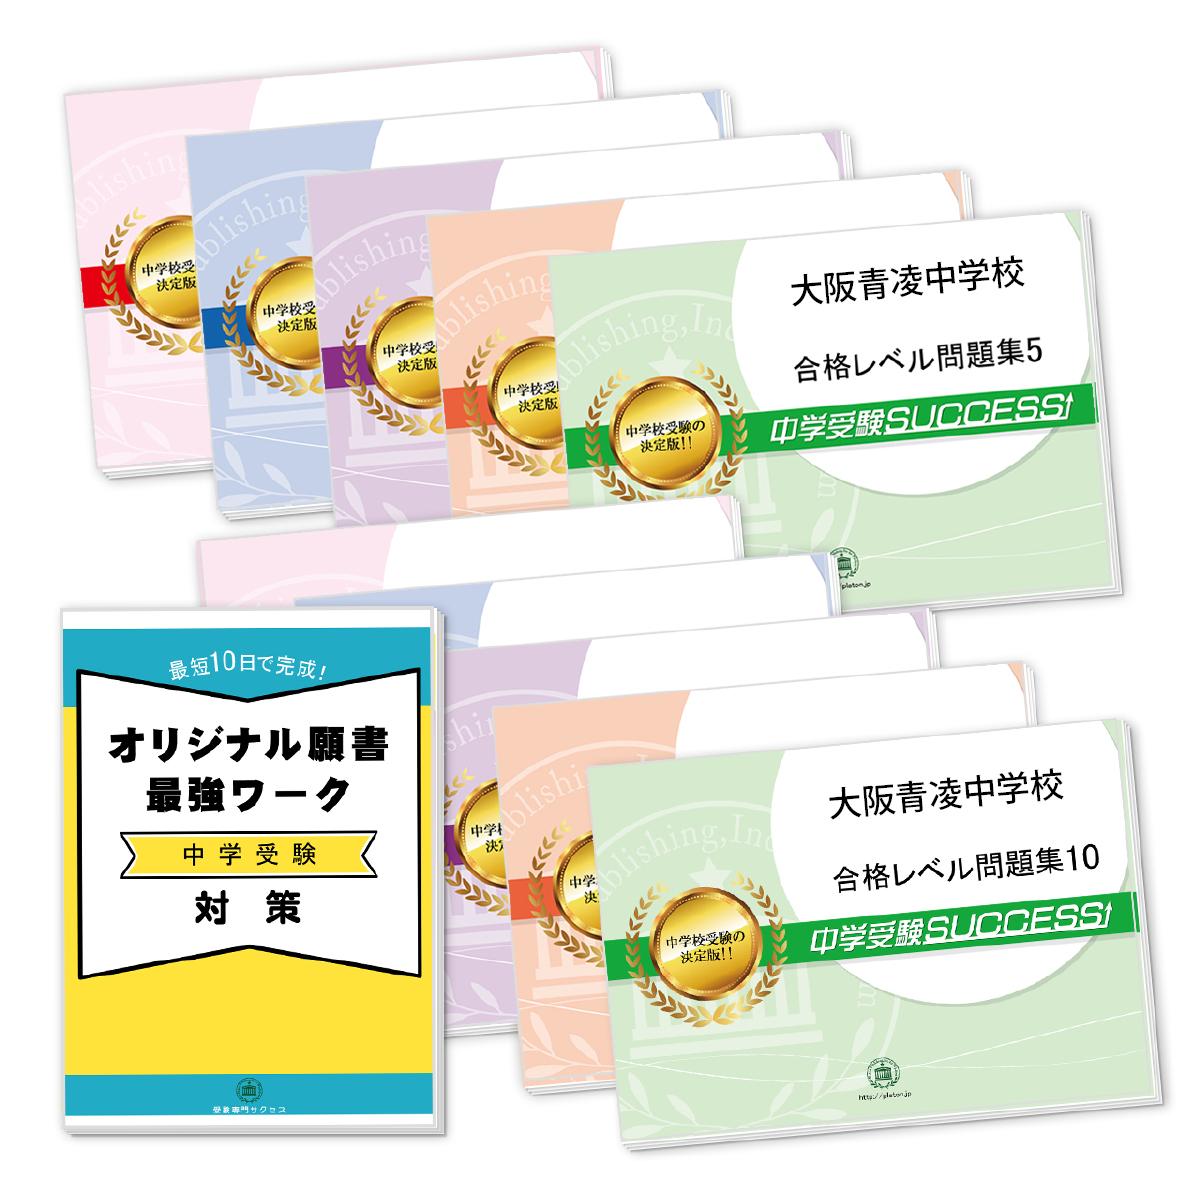 本物◆ 送料 代引手数料無料 大阪青凌中学校 定価の67%OFF 受験合格セット オリジナル願書最強ワーク 10冊